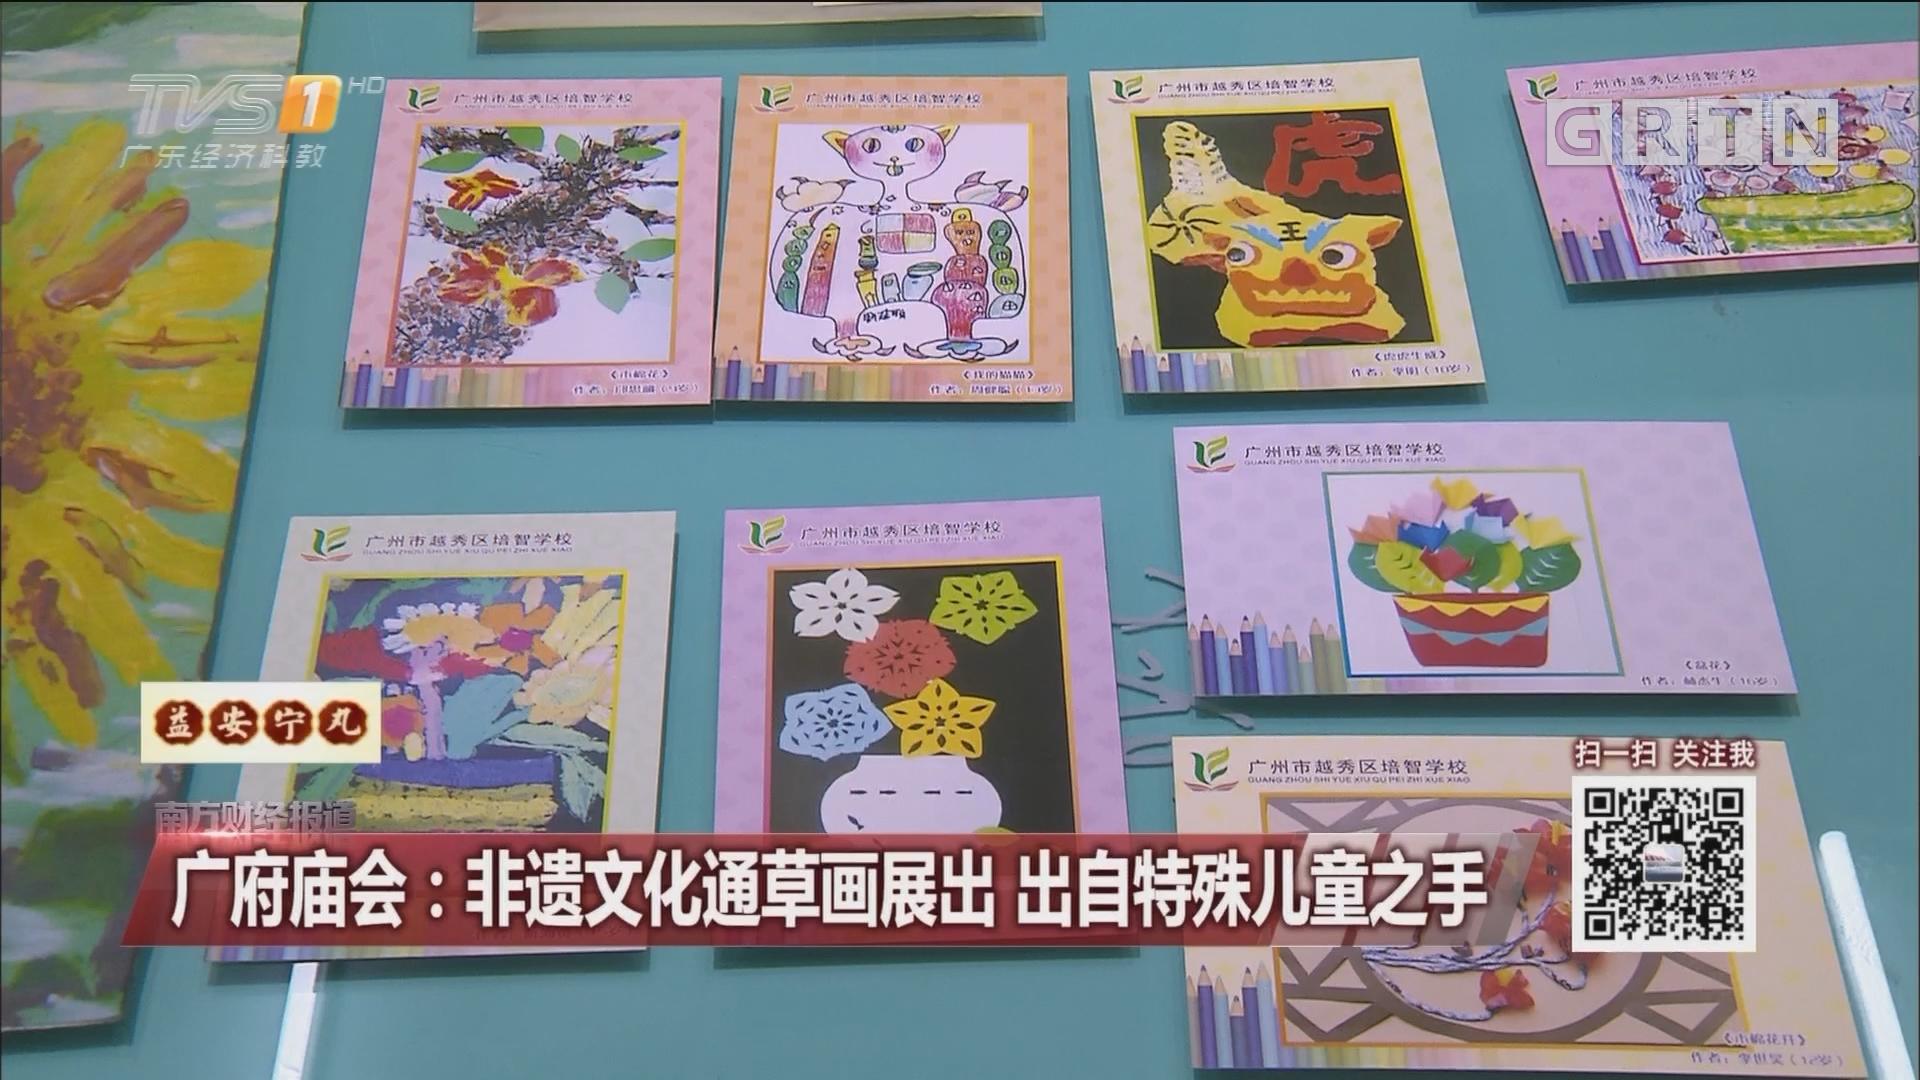 广府庙会:非遗文化通草画展出 出自特殊儿童之手